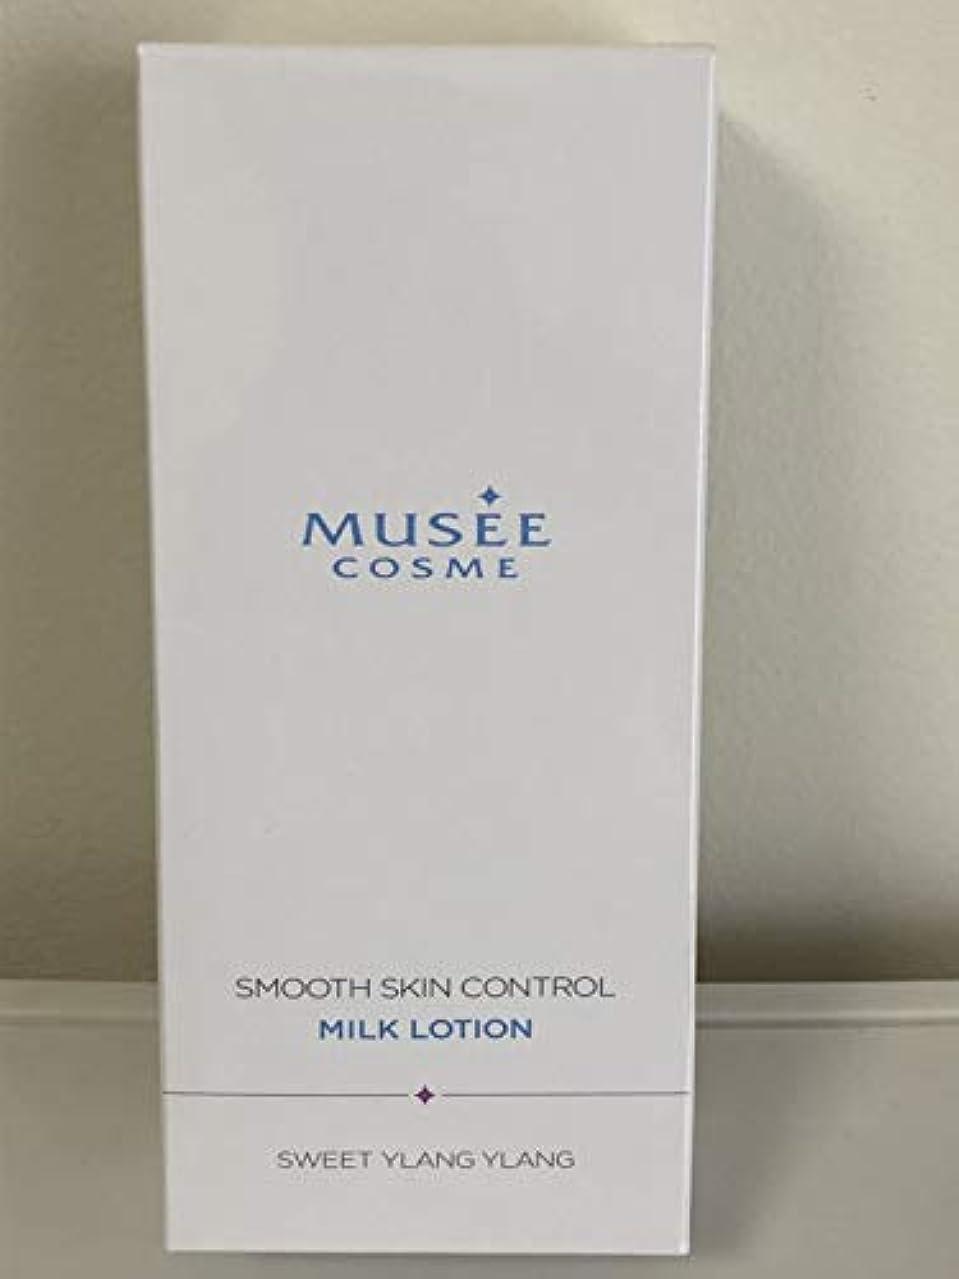 あさりスカリー輝くミュゼコスメ 薬用スムーススキンコントロール ミルクローション 300mL スイートイランイランの香り